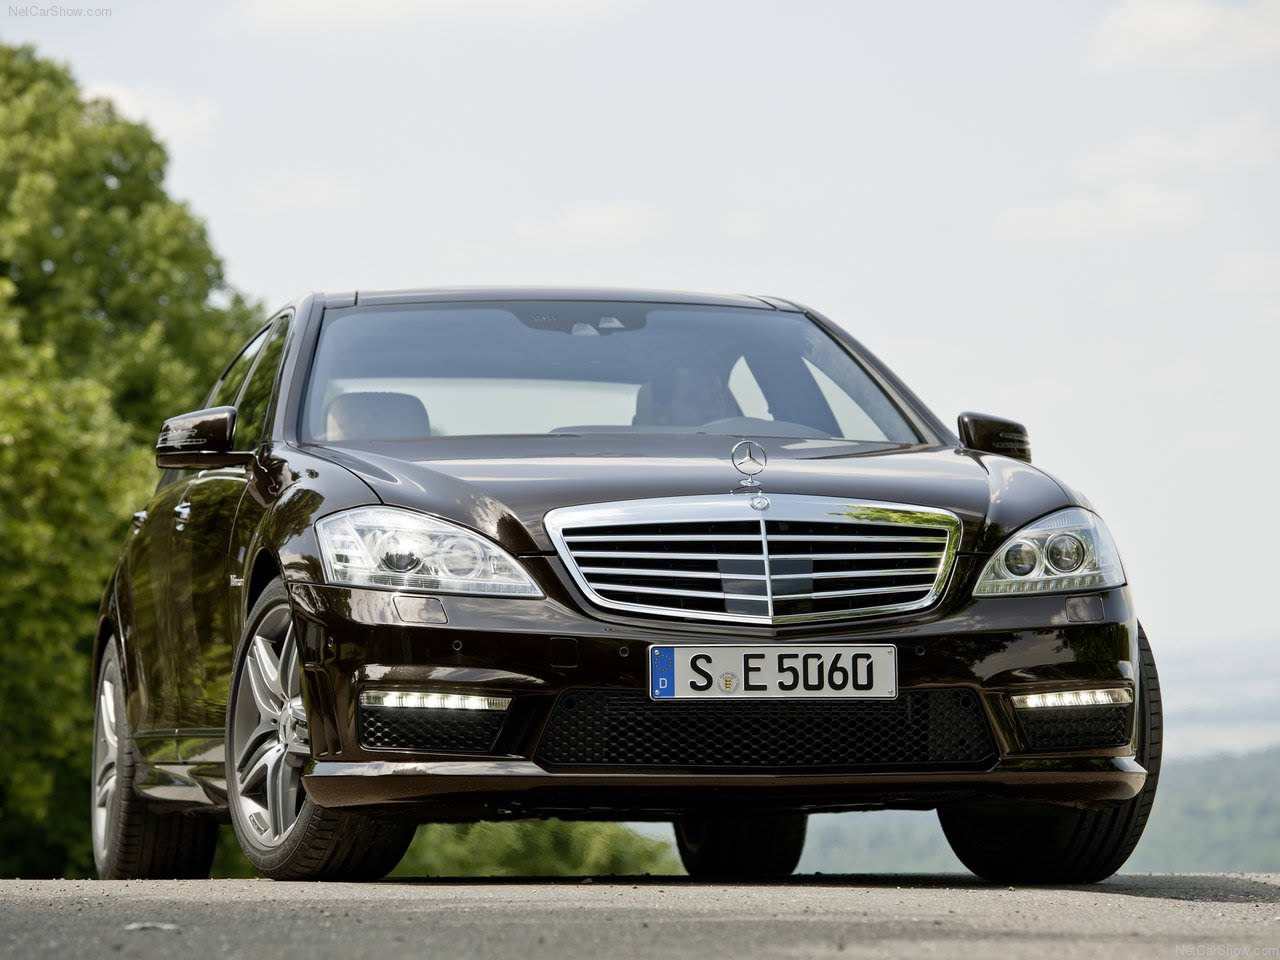 http://3.bp.blogspot.com/_lsyt_wQ2awY/TFLQhy7LxlI/AAAAAAACAQ4/5yVRXRjrpK8/s1600/Mercedes-Benz-S63_AMG_2011_1280x960_wallpaper_02.jpg